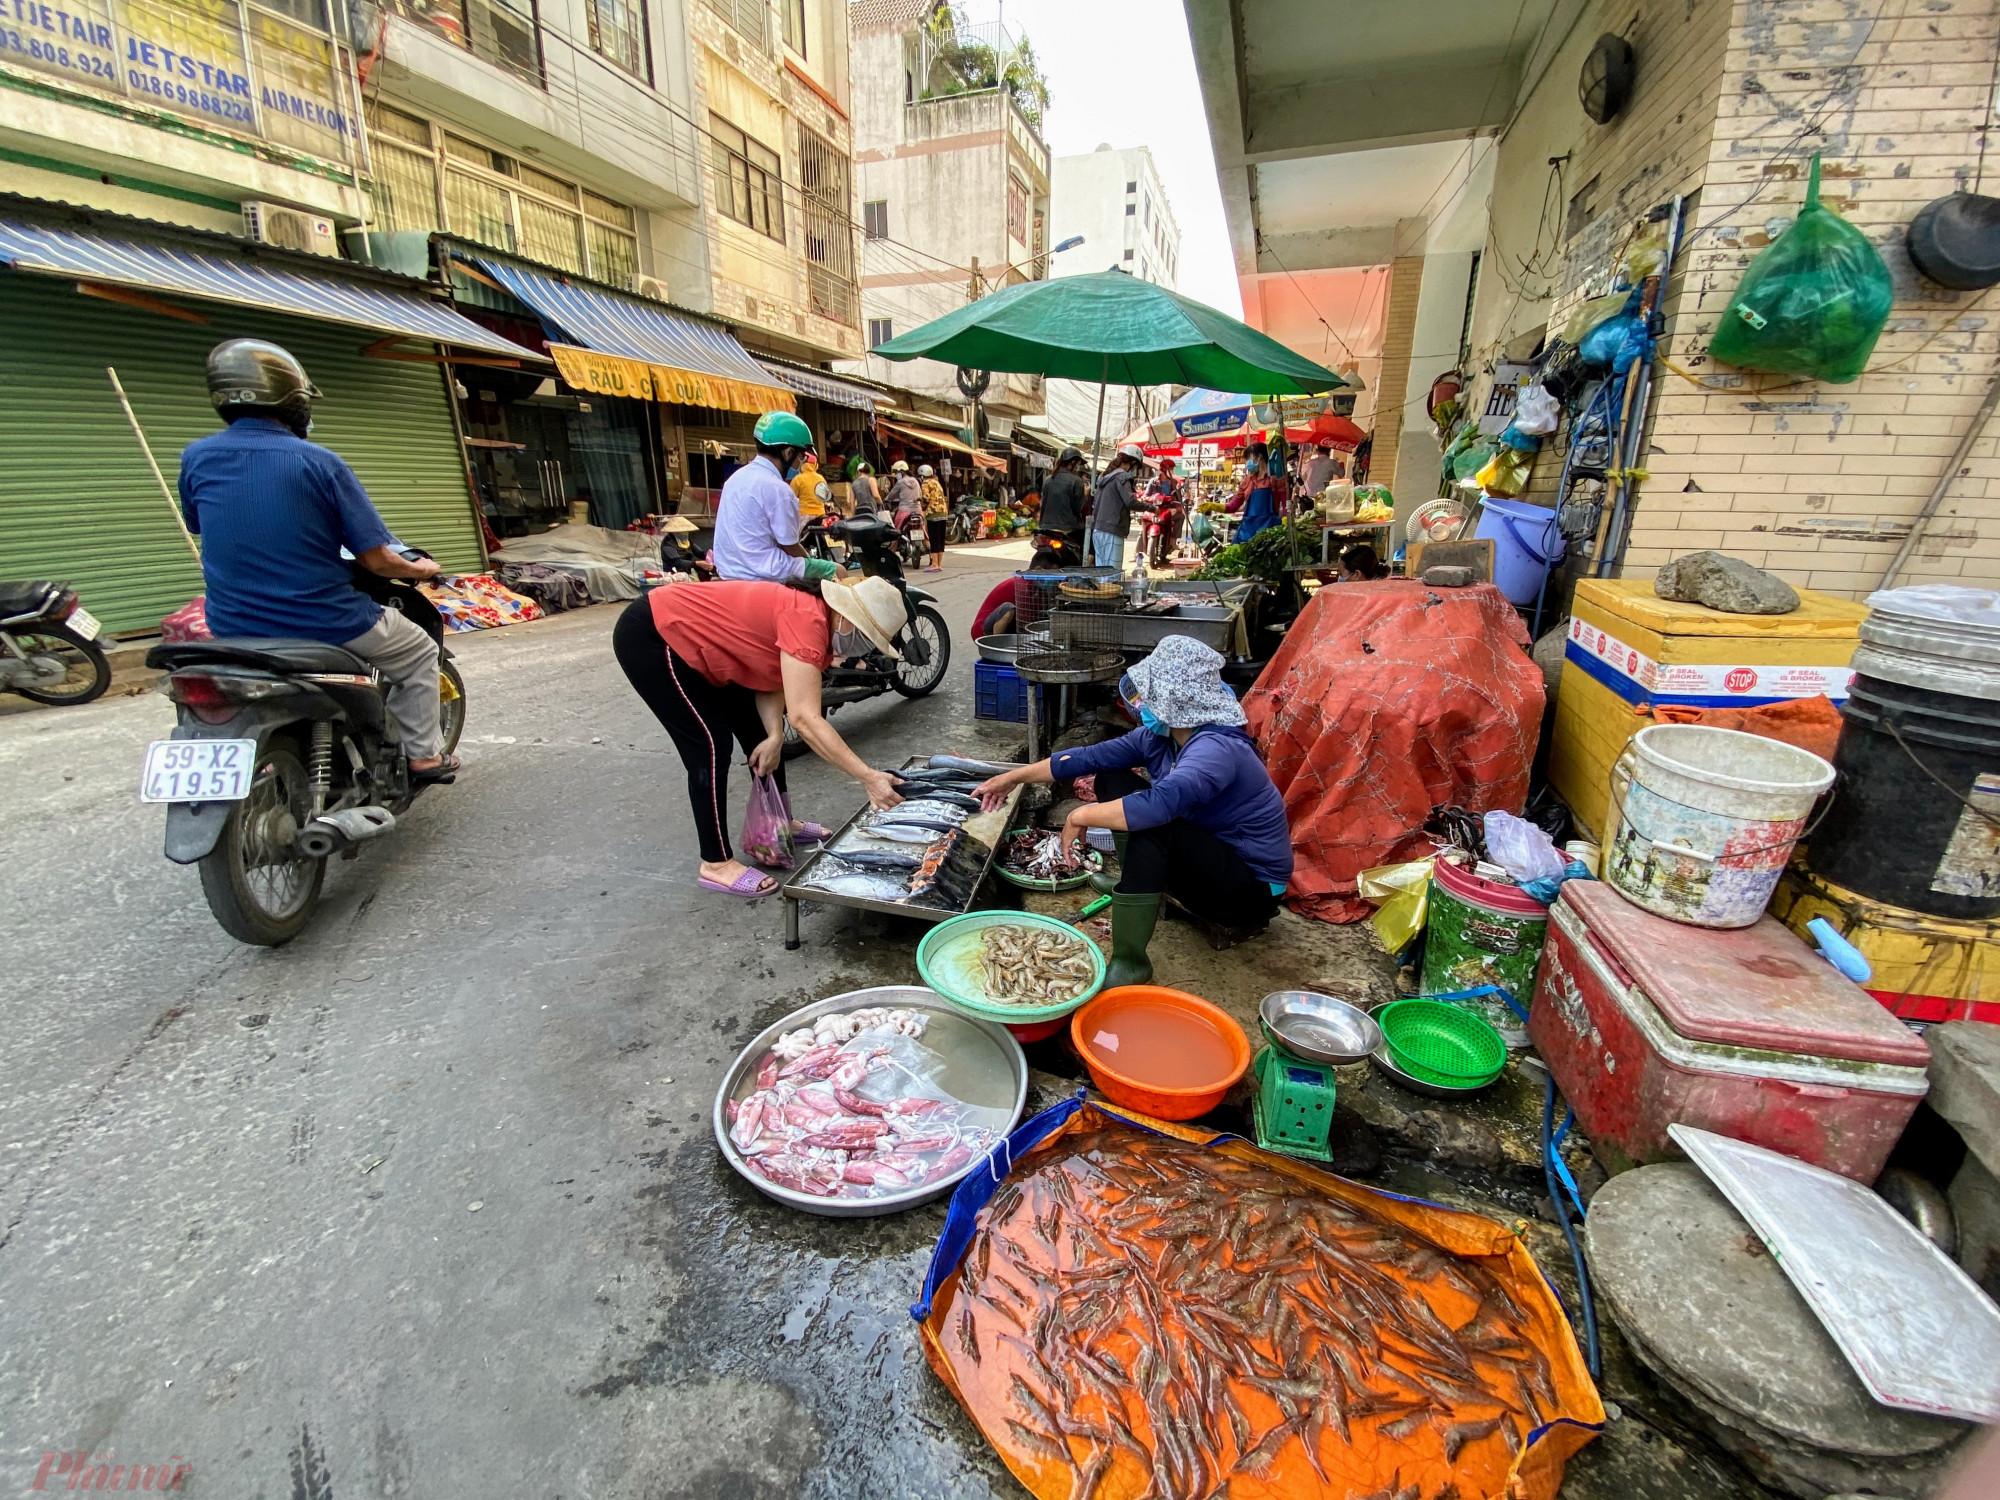 Từ đại lộ Phạm Văn Đồng (TP. Thủ Đức) chạy đến chợ An Bình (Dĩ An, Bình Dương) chưa quá 500m, người dân tại TPHCM dễ dàng đến chợ này để mau sắm,